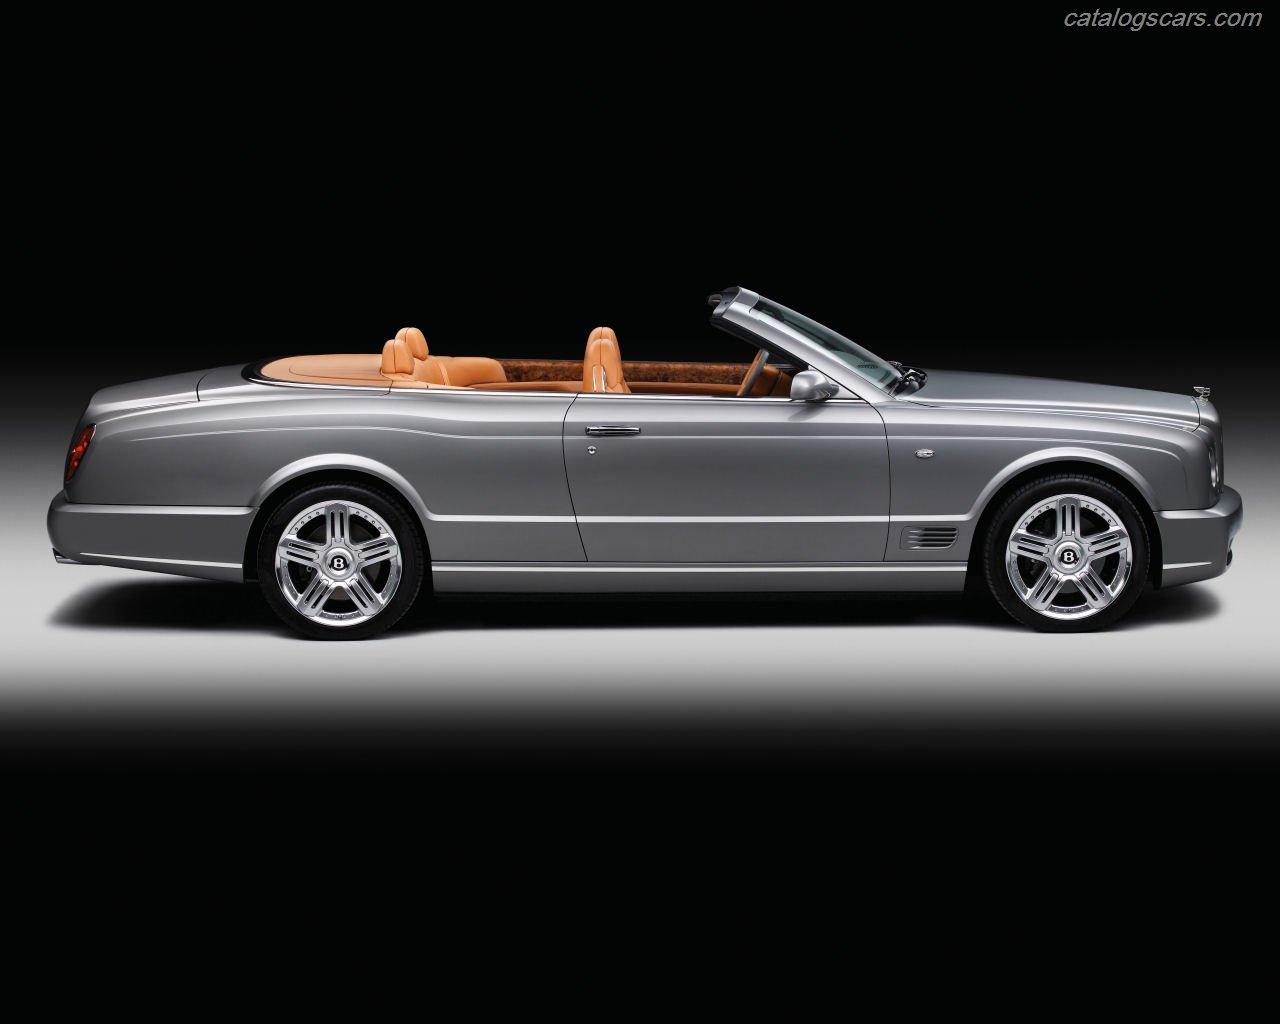 صور سيارة بنتلى ازور 2014 - اجمل خلفيات صور عربية بنتلى ازور 2014 - Bentley Azure Photos Bentley-Azure-2011-05.jpg